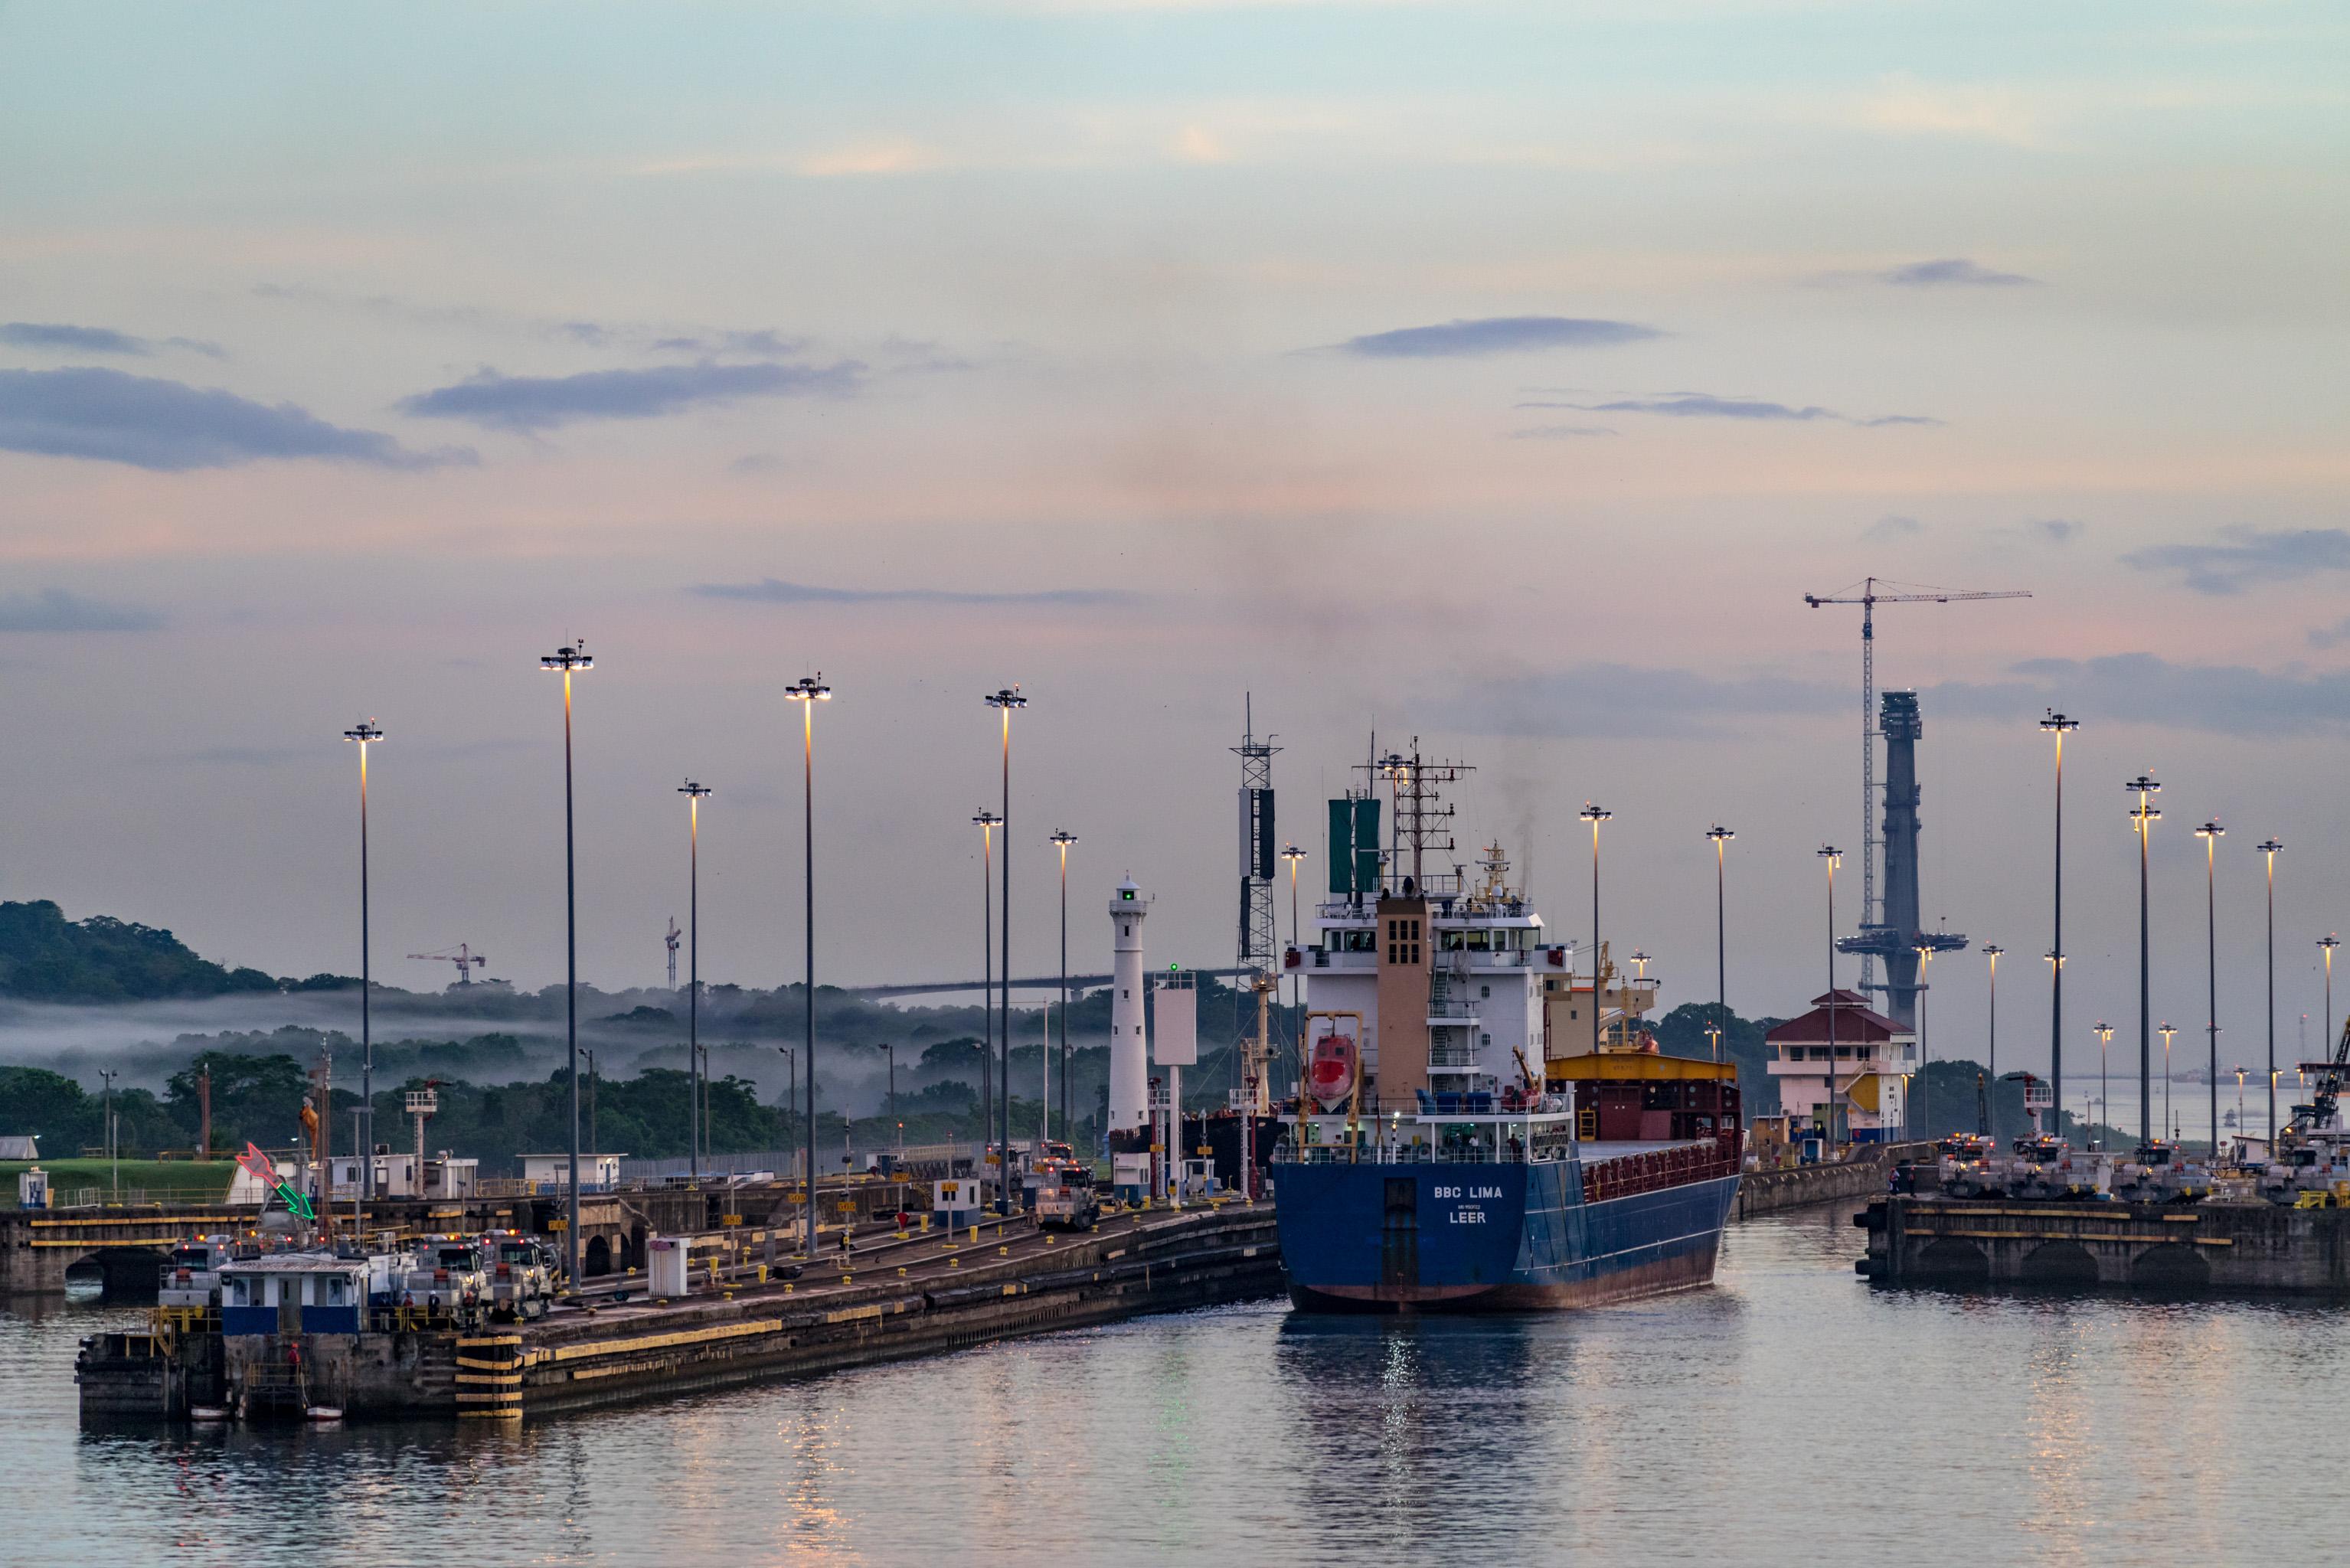 M138: Panama - Panamakanal